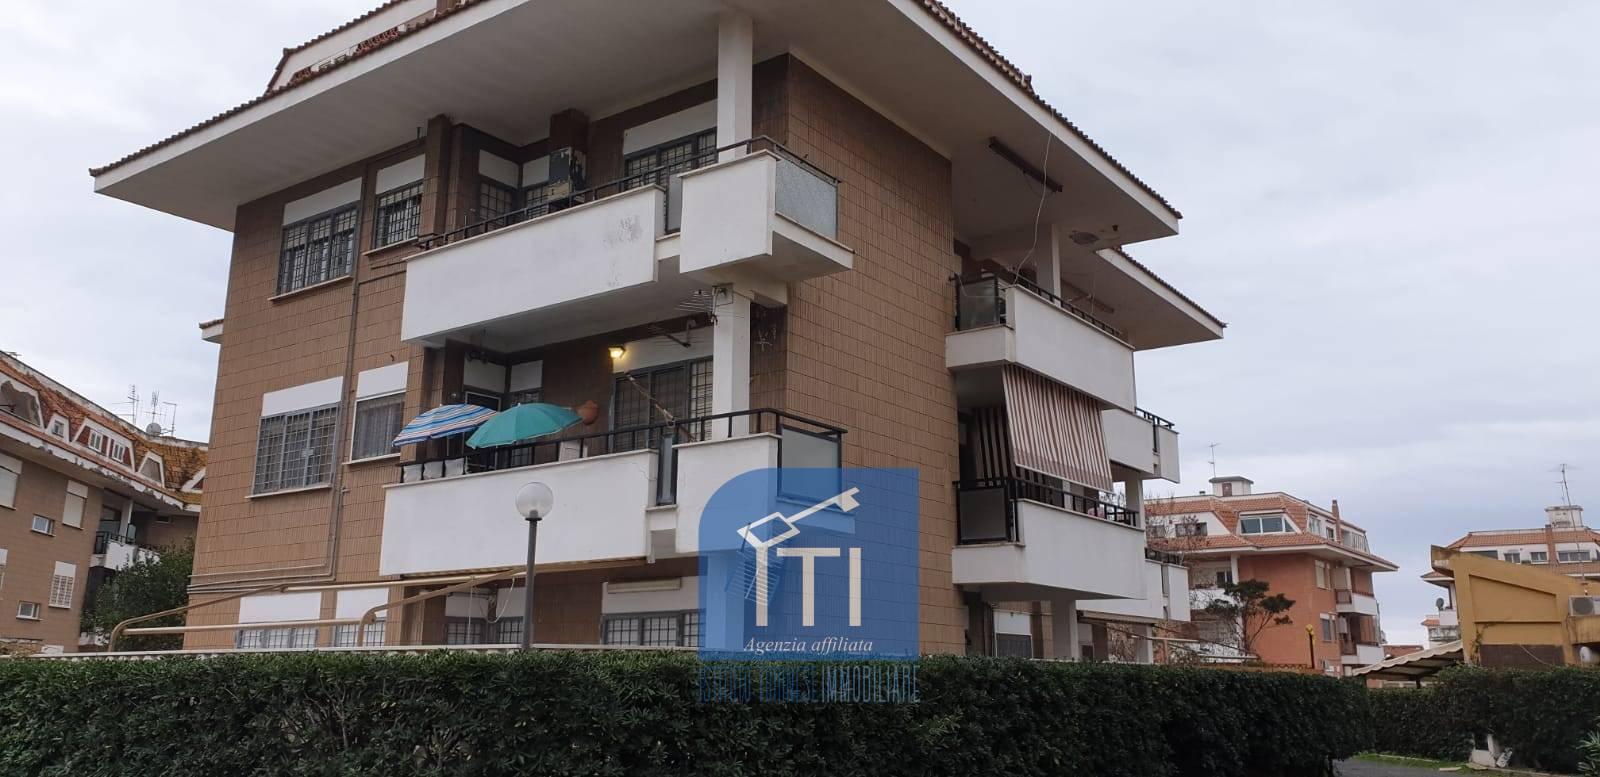 Appartamento in vendita a Ardea, 4 locali, zona Località: MARINADIARDEA, prezzo € 79.000   CambioCasa.it